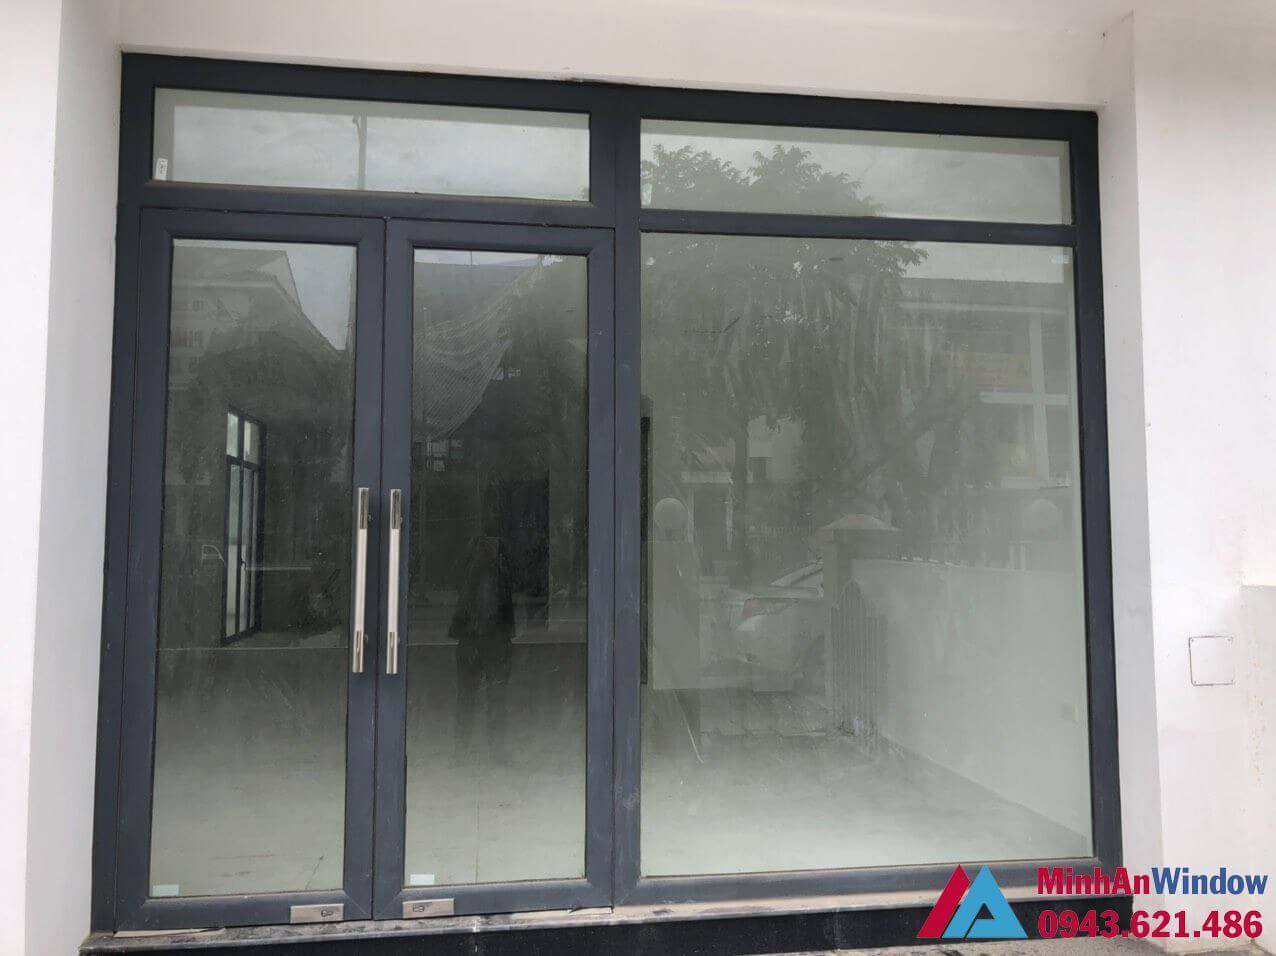 Mẫu cửa đi nhôm kính Minh An Window lắp đặt tại Hà Giang